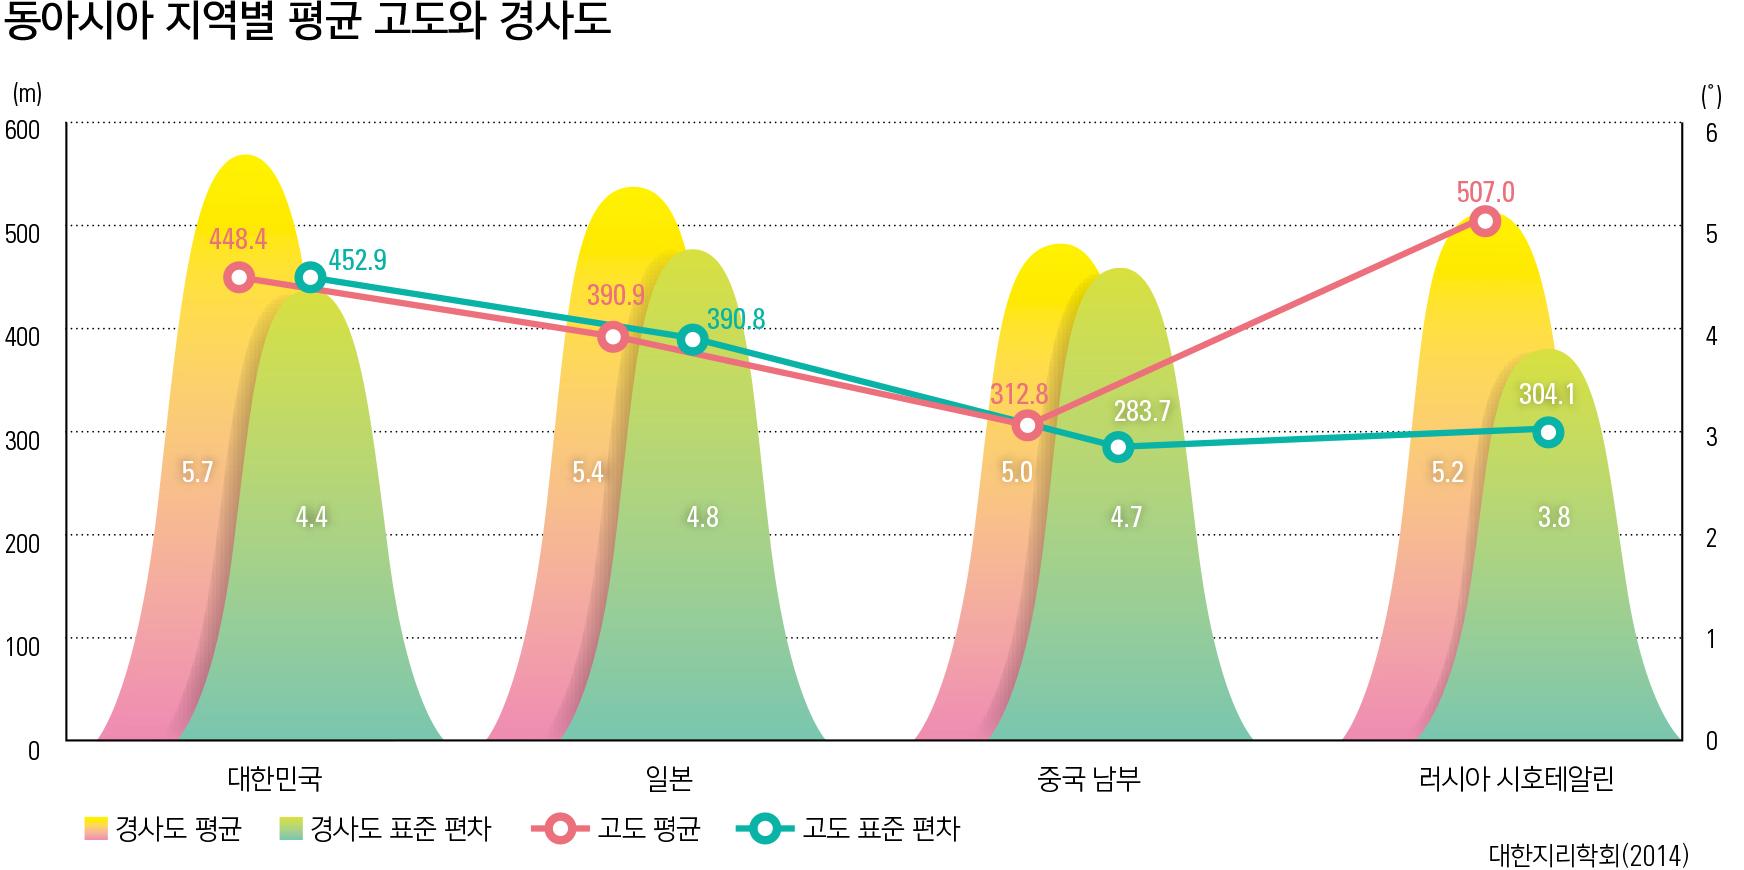 동아시아 지역별 평균 고도와 경사도